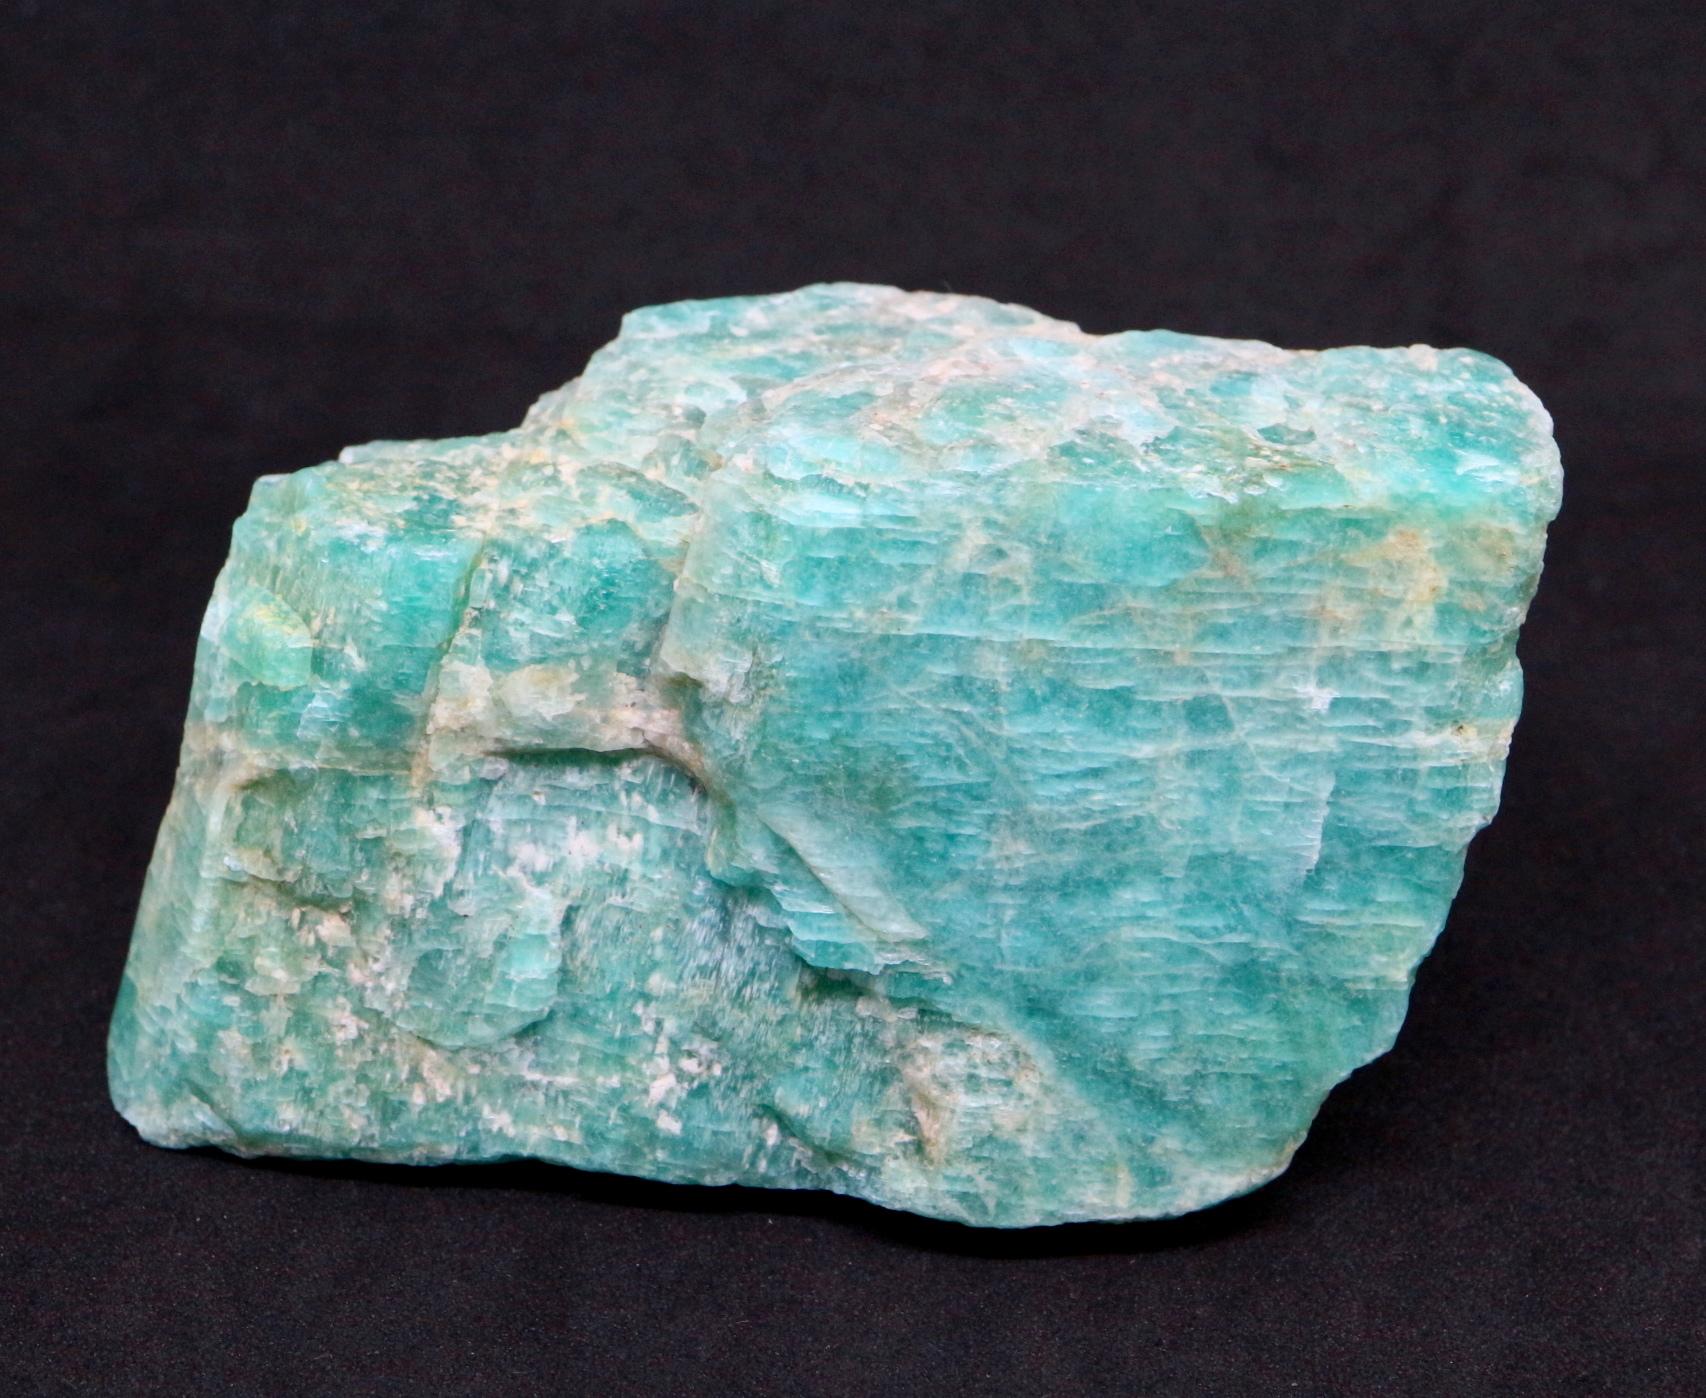 アマゾナイト モザンビーク産 原石 111,9g AZ0020 天河石(てんがせき)